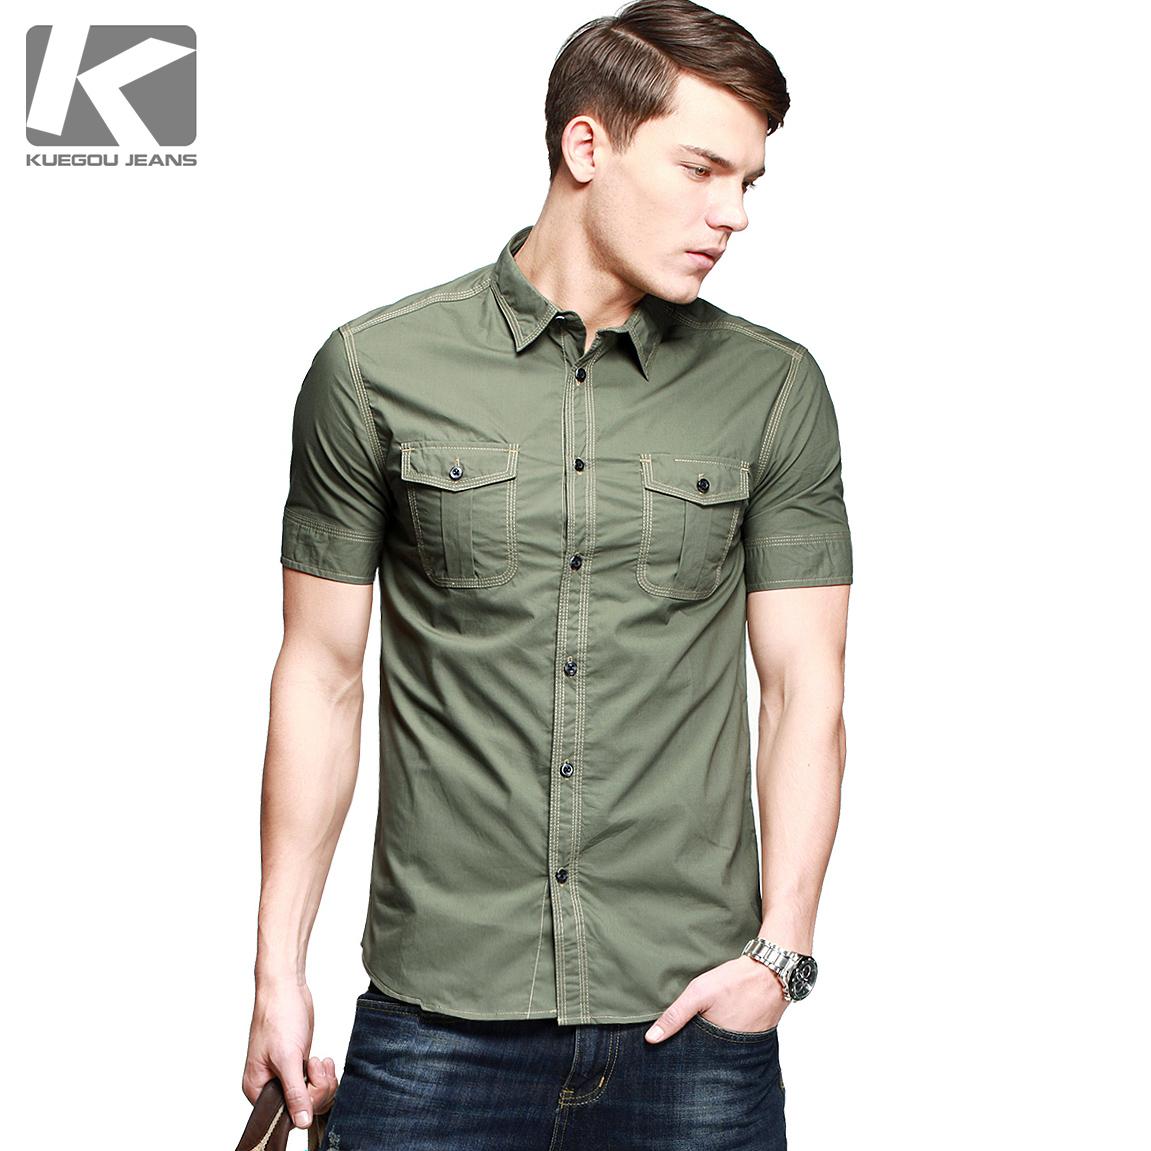 酷衣購 男士軍綠色短袖 修身襯衫 男個性純棉軍裝襯衣 潮12506圖片